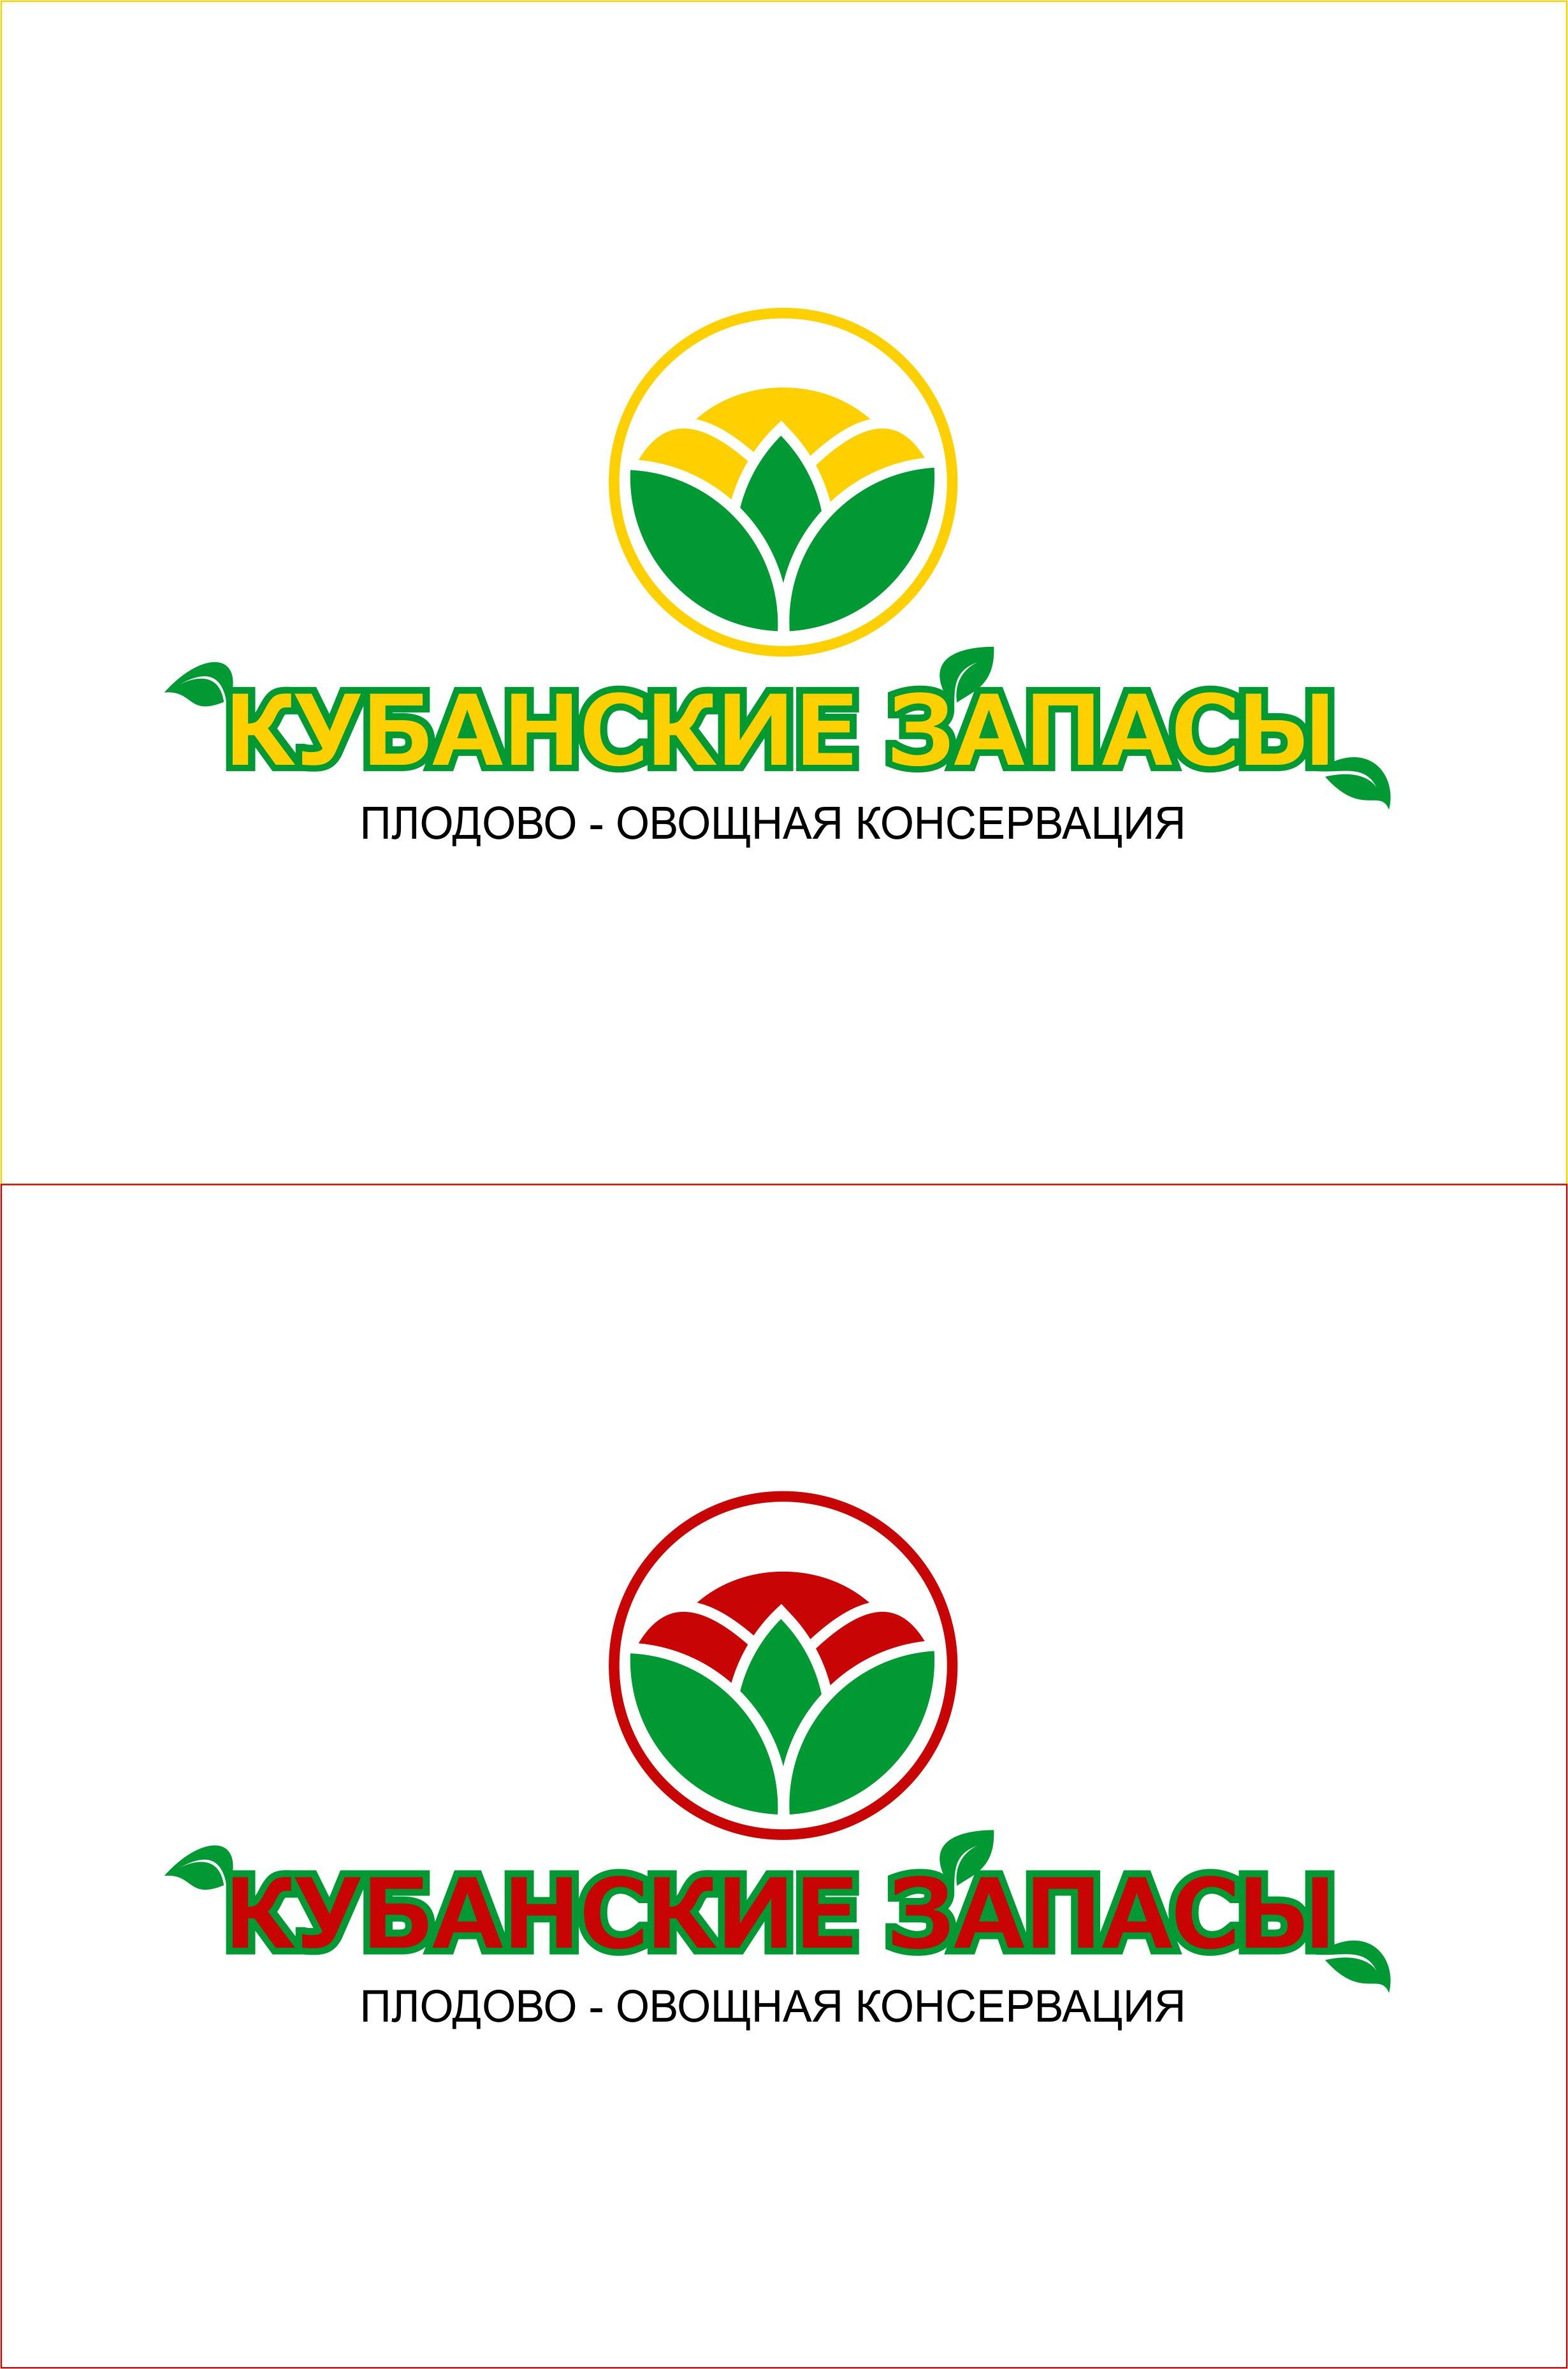 Логотип, фирменный стиль фото f_4045de69a8240940.jpg